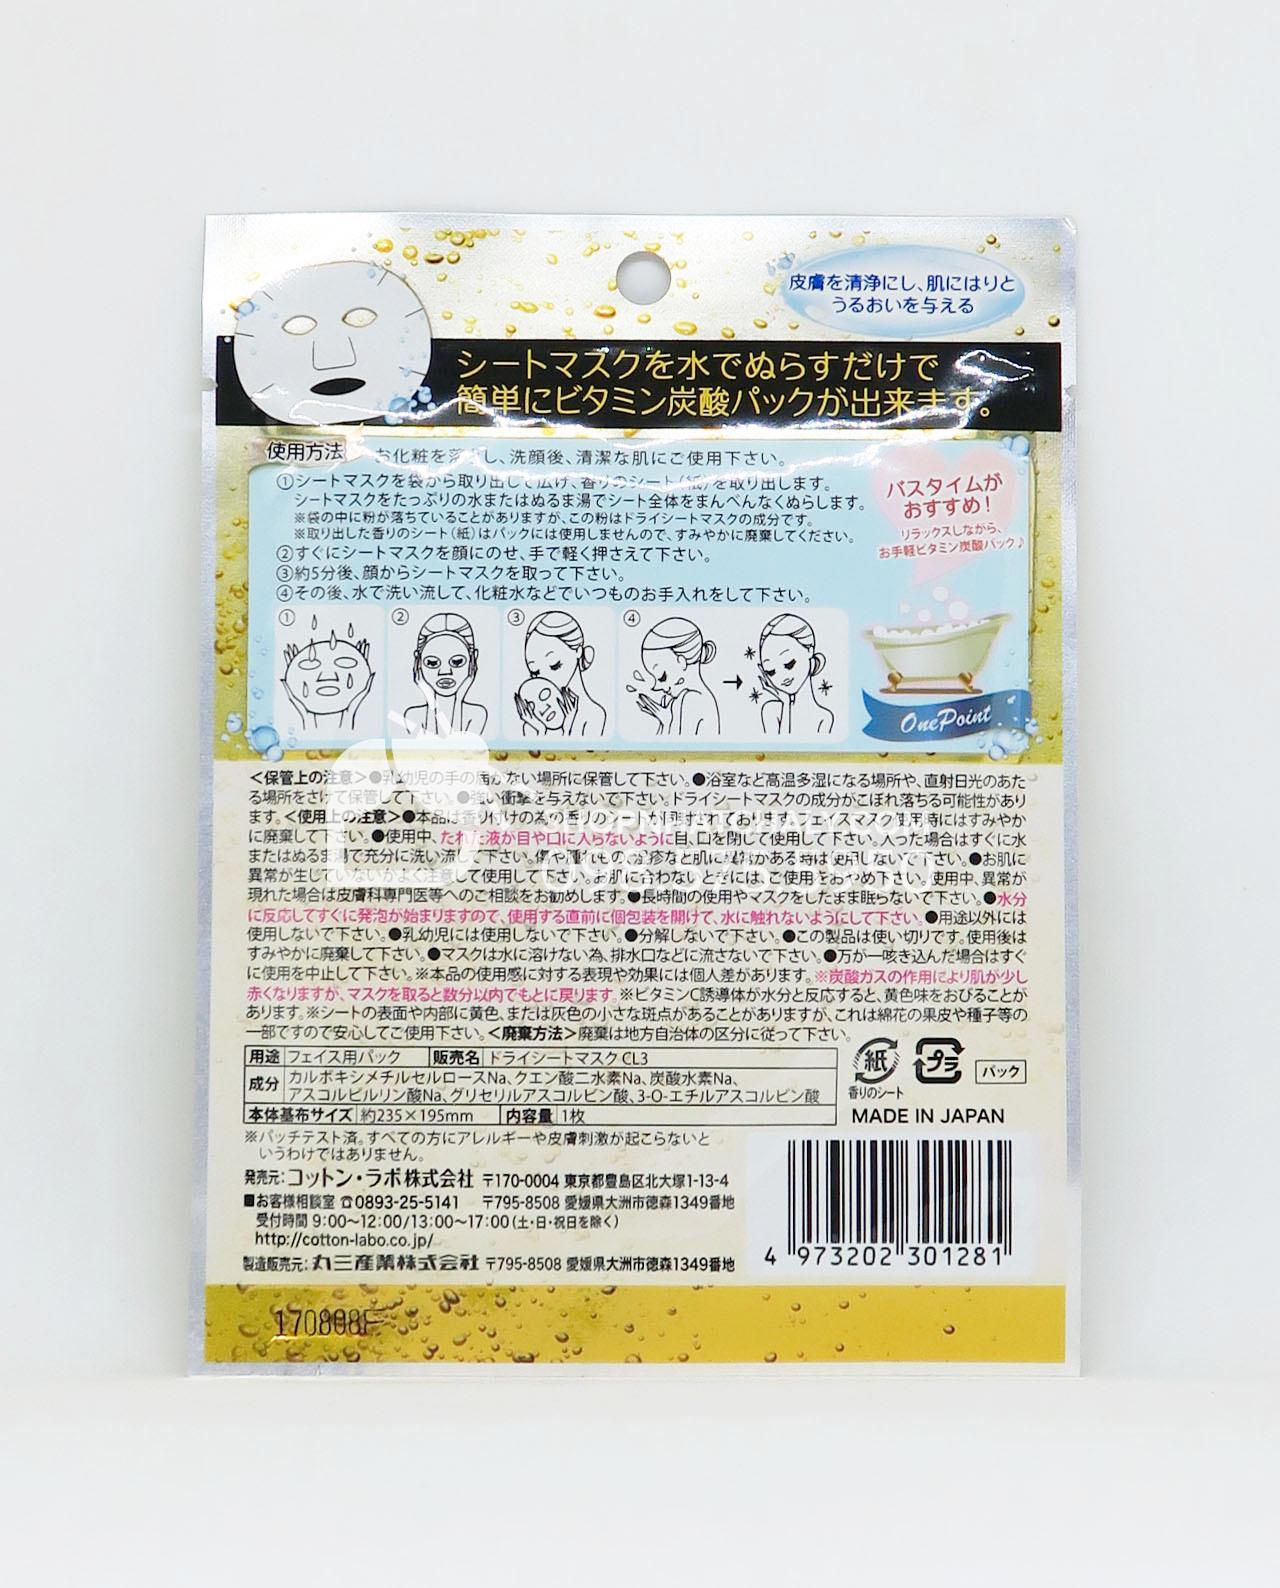 Hãng Cotton Labo sản xuất mặt nạ thải độc Nhật Bản với barcode hộp 3 miếng và miếng lẻ khác nhau. Các bạn lưu ý